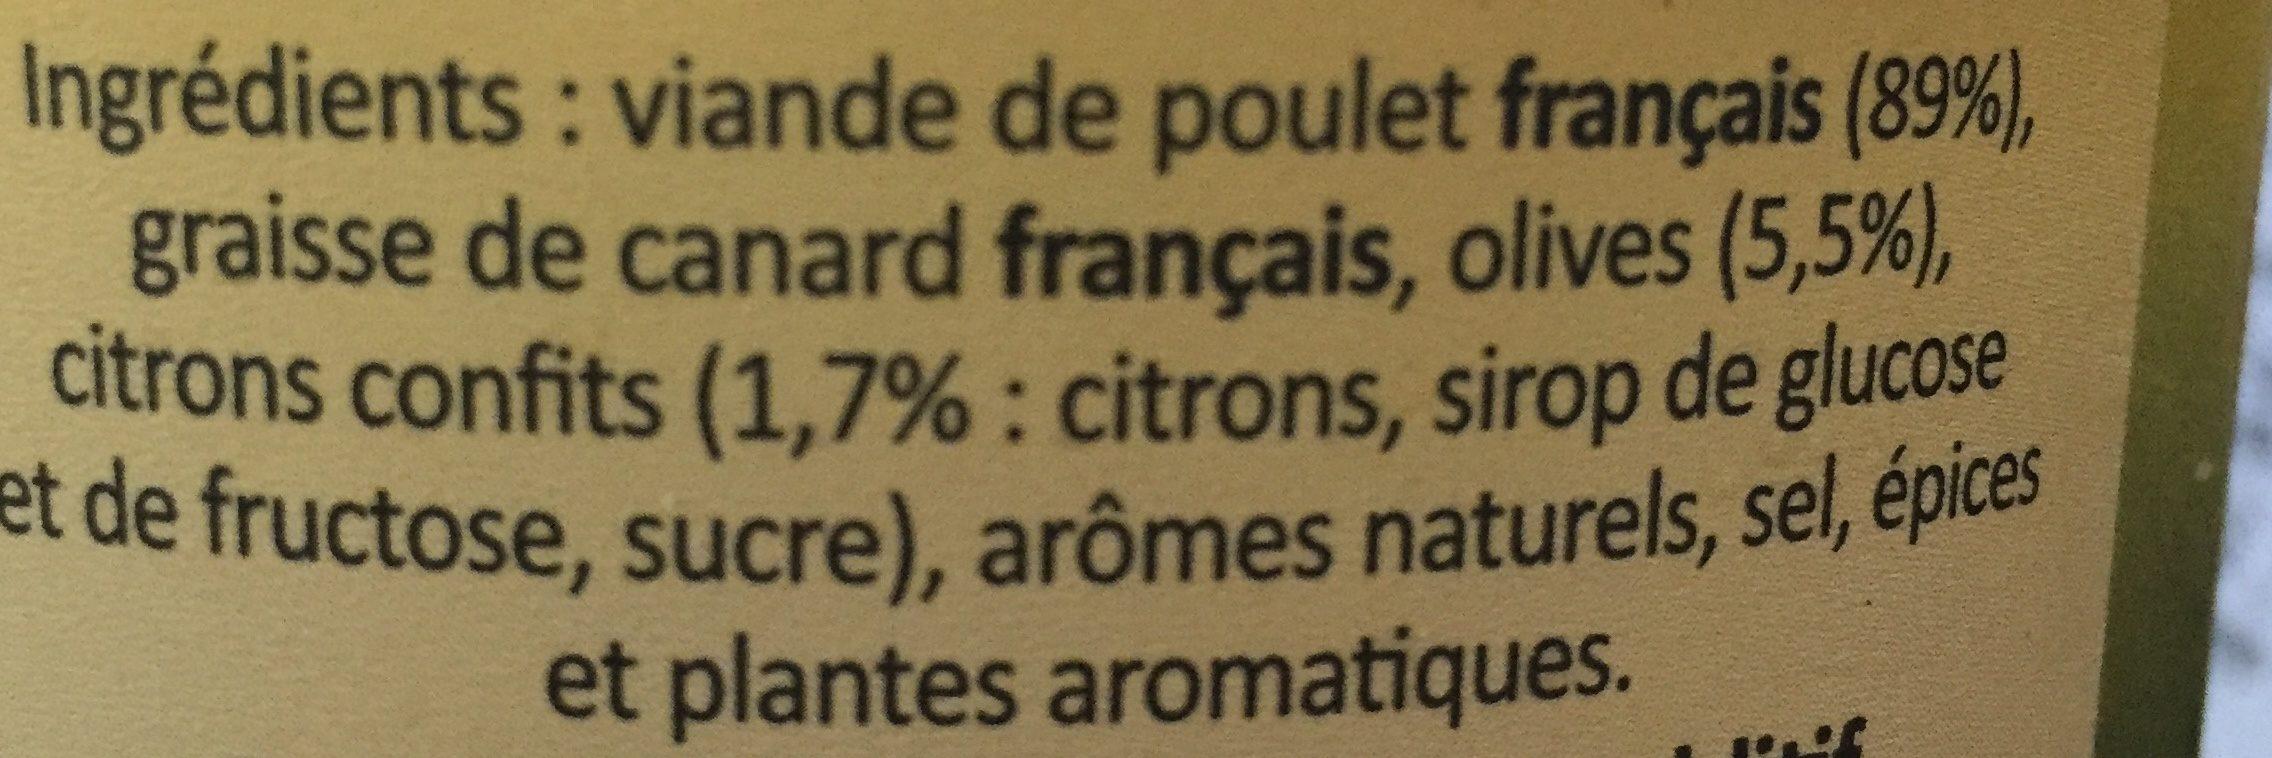 Prunier Rillettes De Poulet Aux Citrons Confits Et Olives 22 - Ingredients